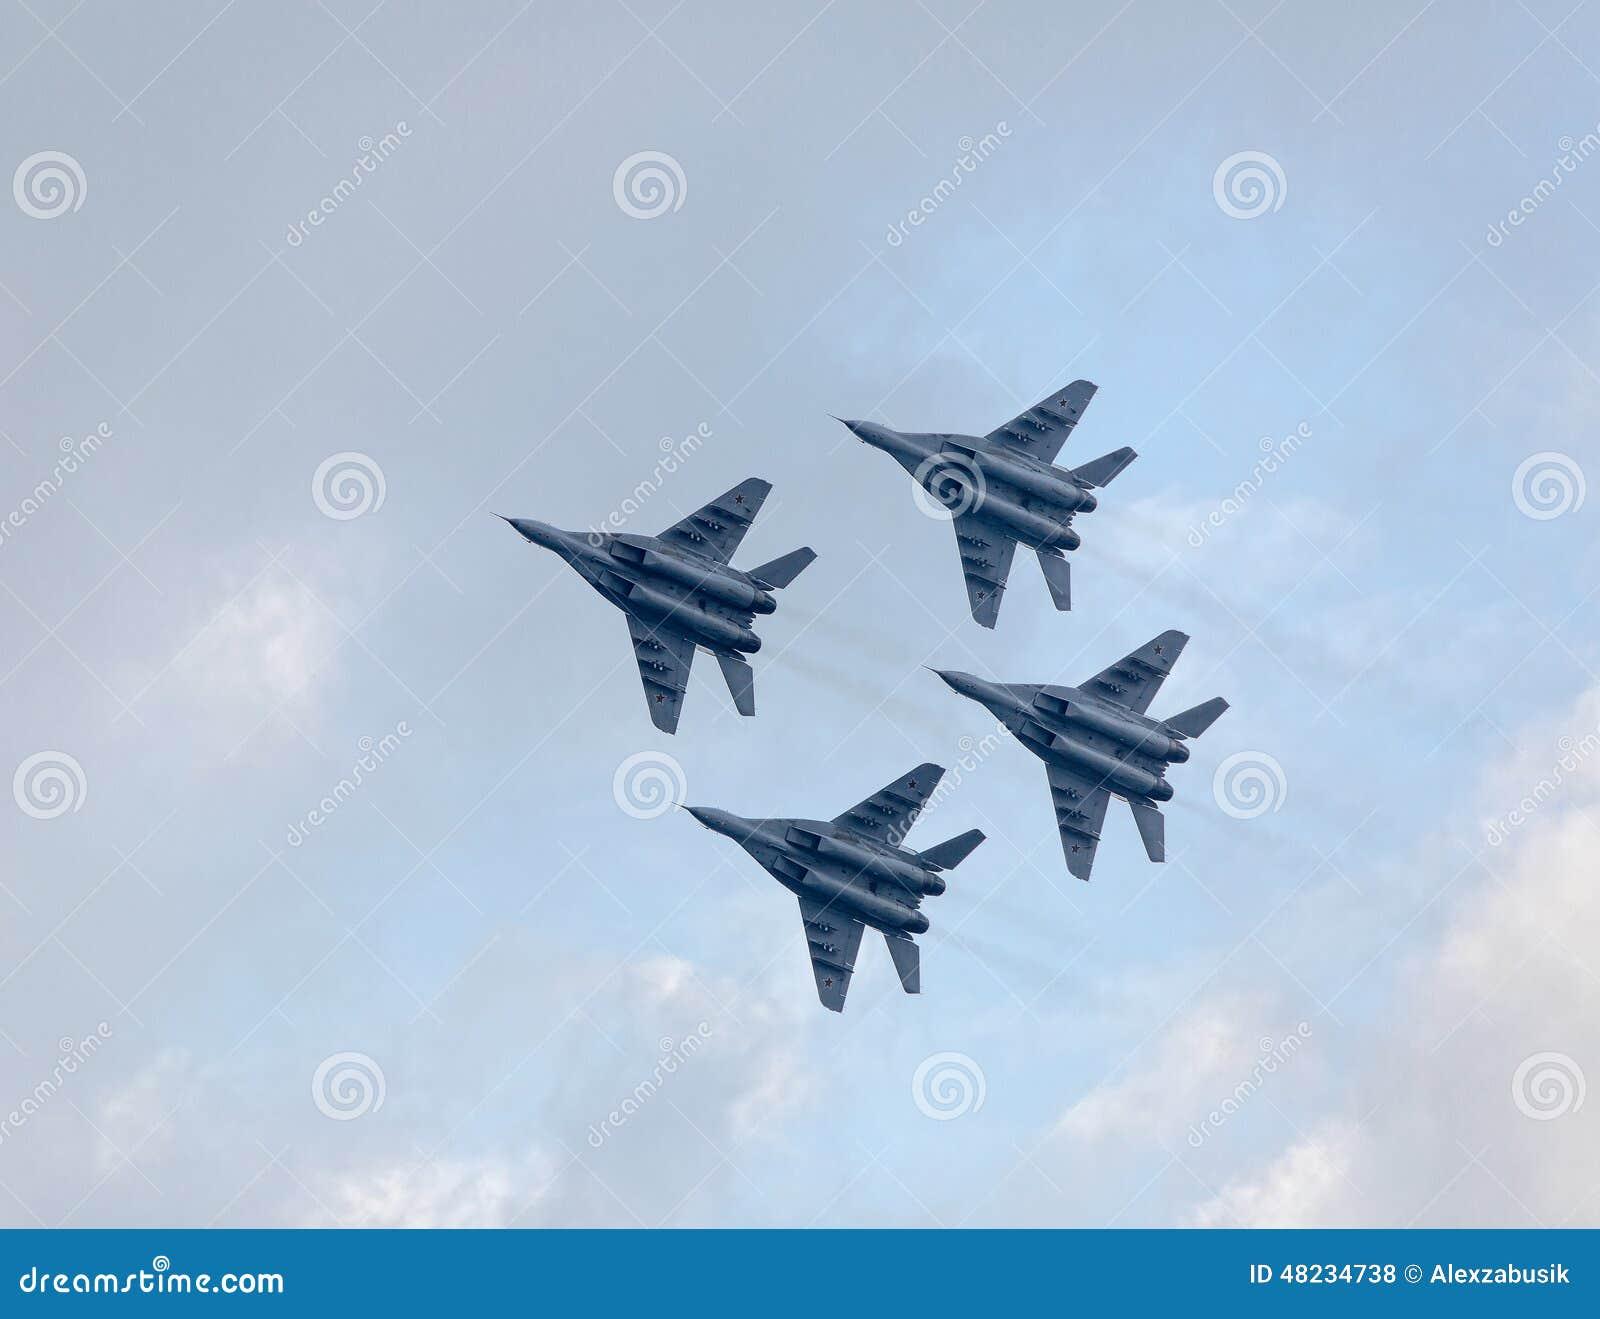 Avions à réaction militaires montrant des acrobaties aériennes